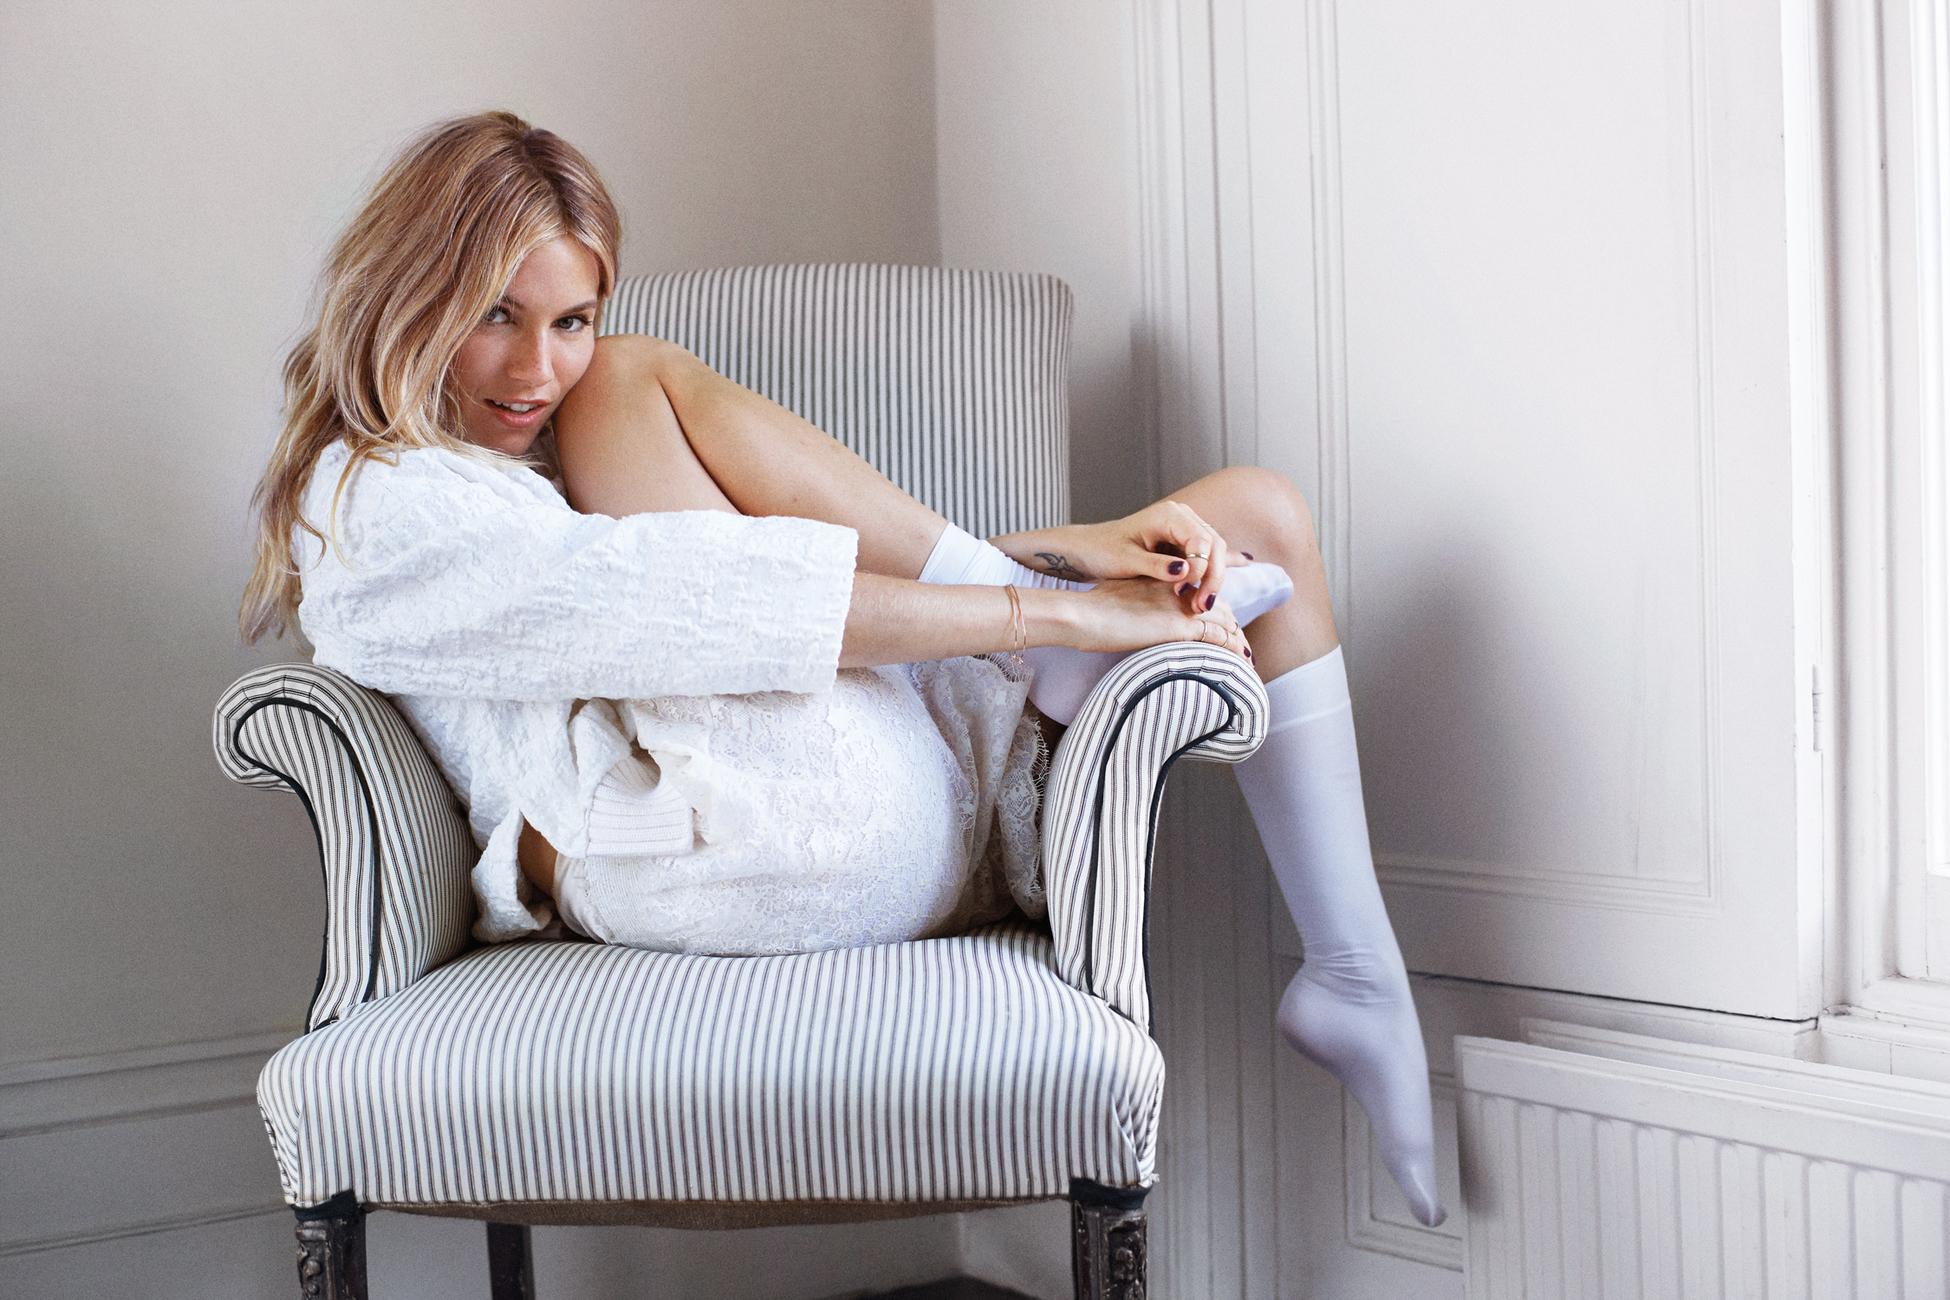 Профессиональные снимки молодой модели на белом диване  552889